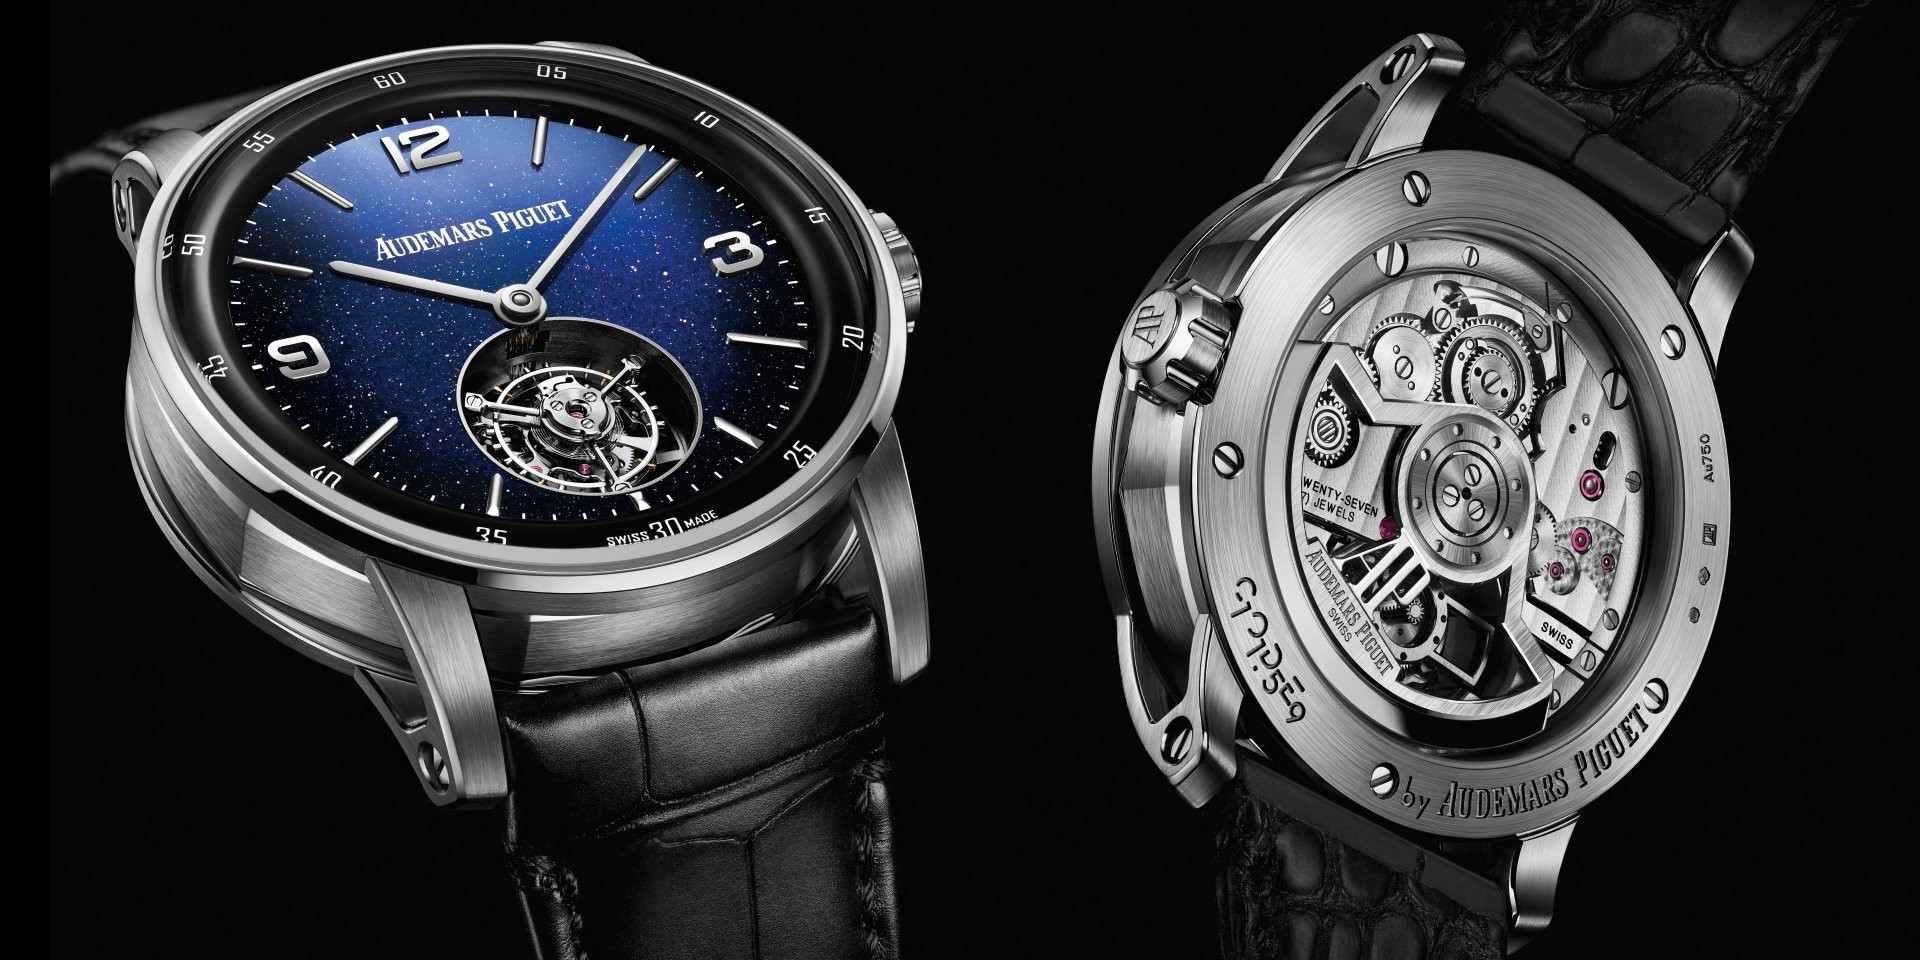 繁星滿天的浩瀚夜空:愛彼CODE 11.59系列砂金石錶面飛行陀飛輪自動上鍊腕錶